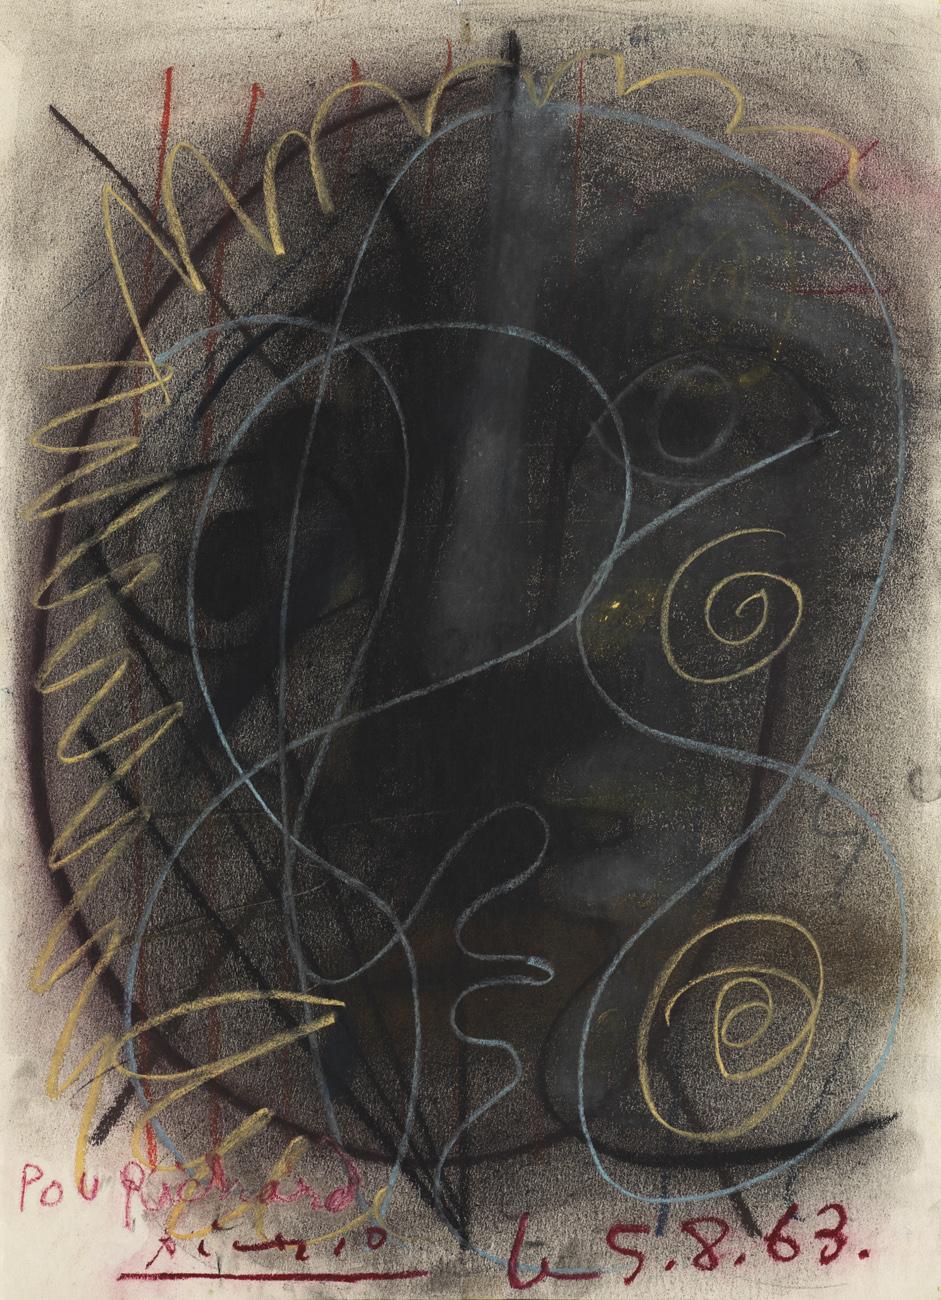 Vente Succession Richard de Grab et à divers, Tableaux, Estampes, Sculptures, Bijoux, Photographies, Spiritueux chez Expertisez.com : 135 lots